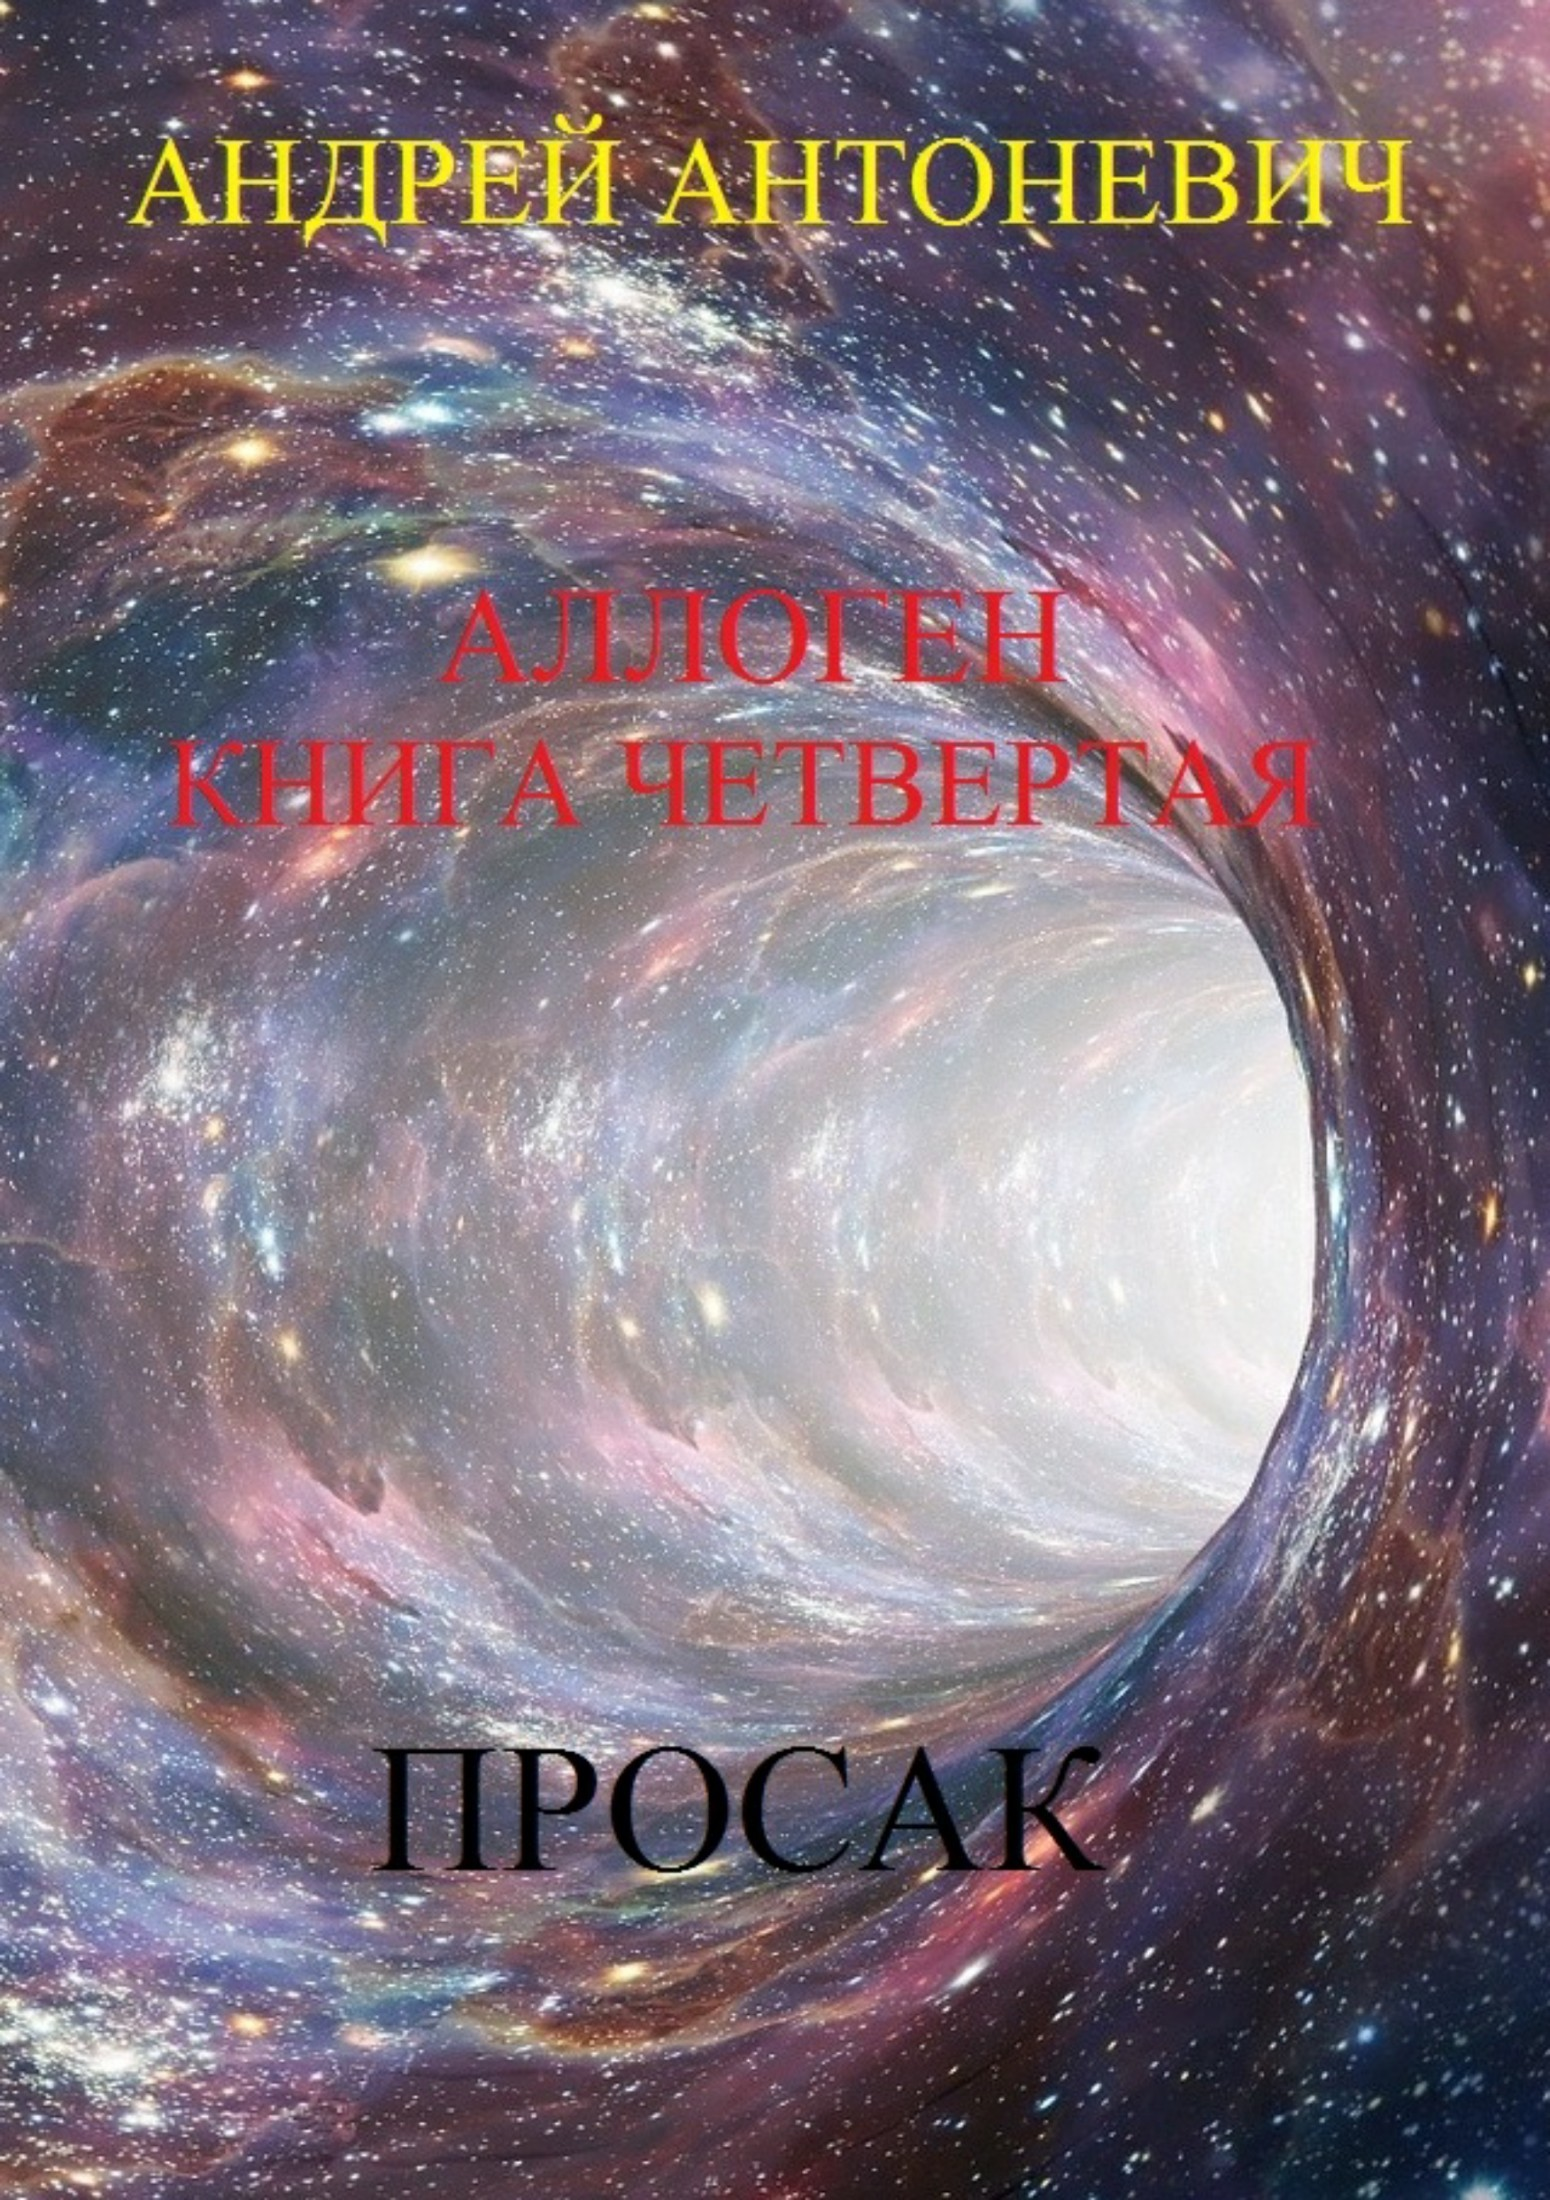 Андрей Анатольевич Антоневич. Аллоген. Книга четвертая. Просак